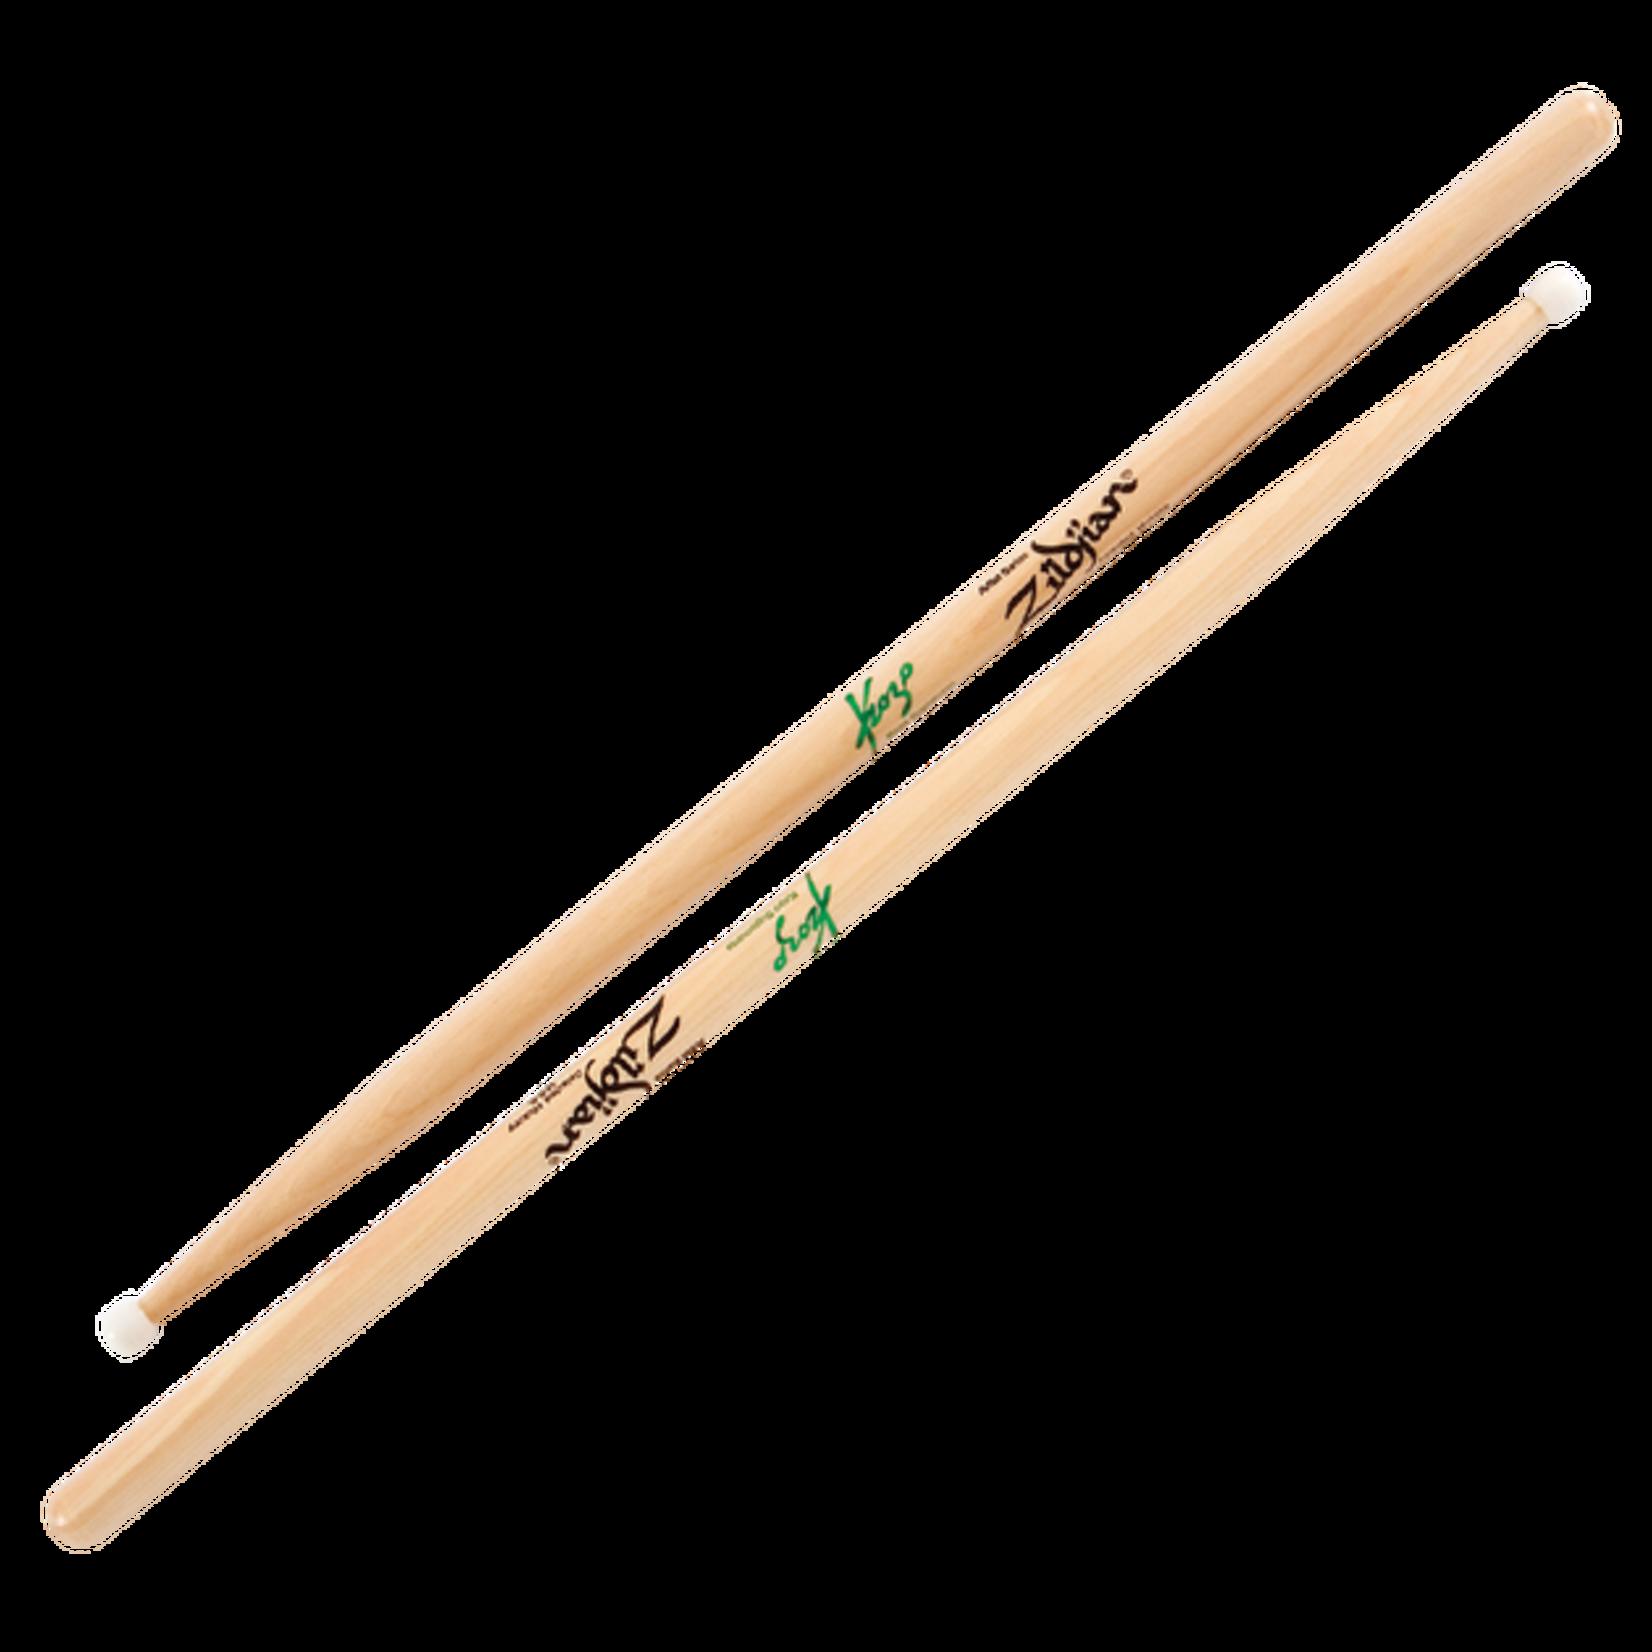 Zildjian Zildjian Kozo Suganuma Artist Series Drumsticks